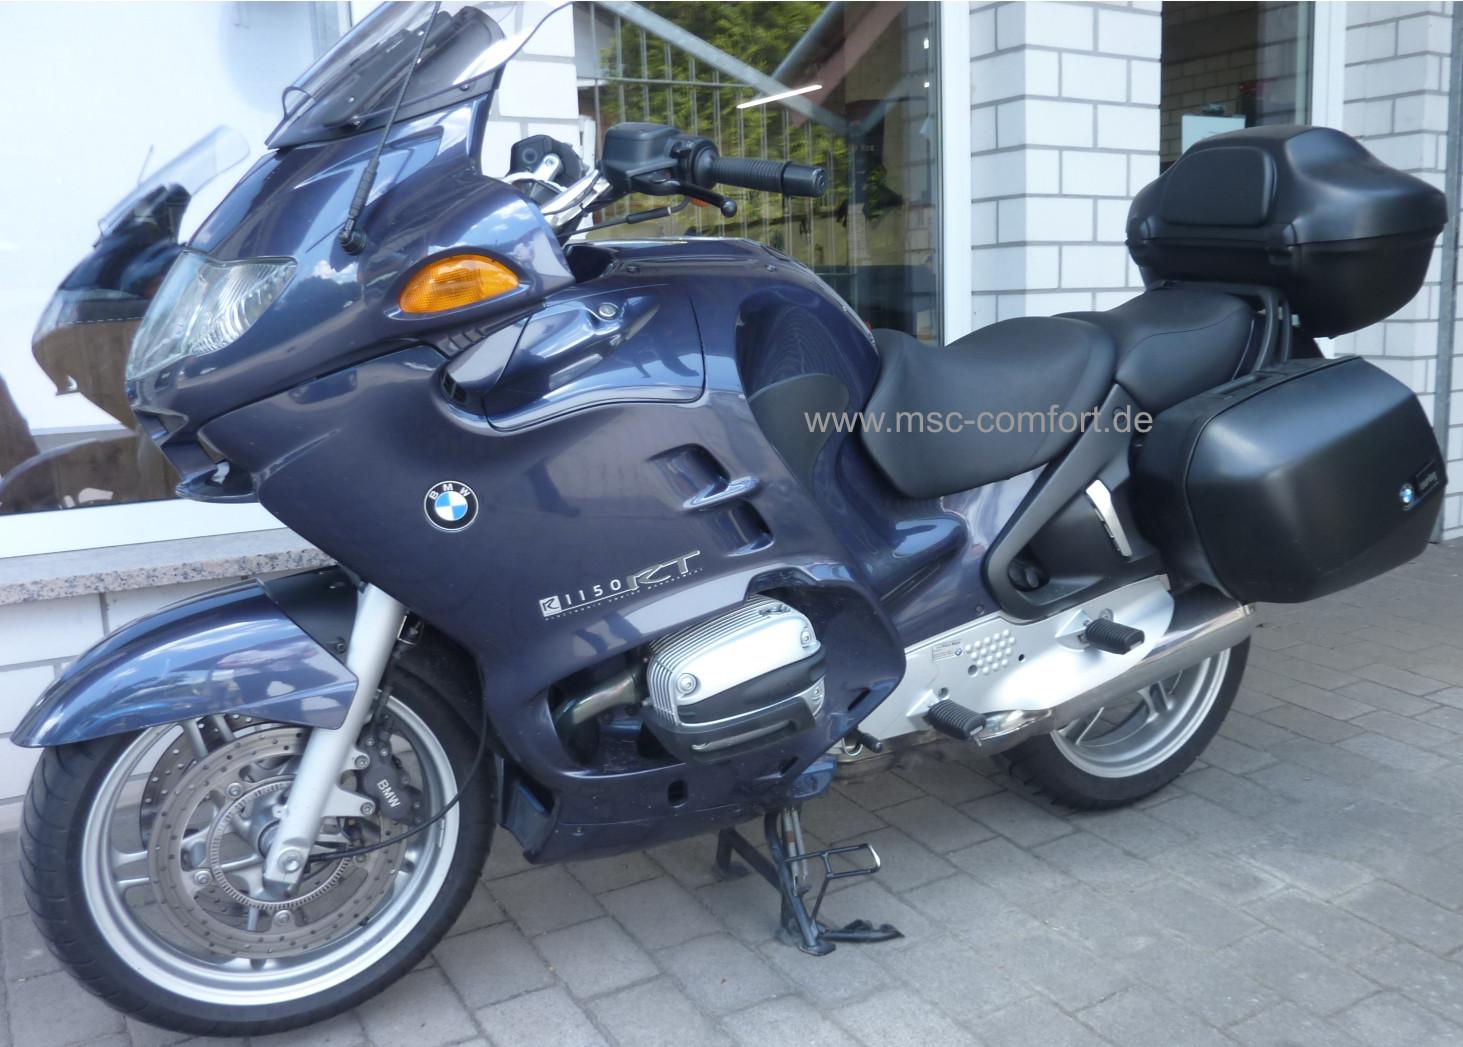 Sitzbank BMW R1150 RT aufgepolstert 1